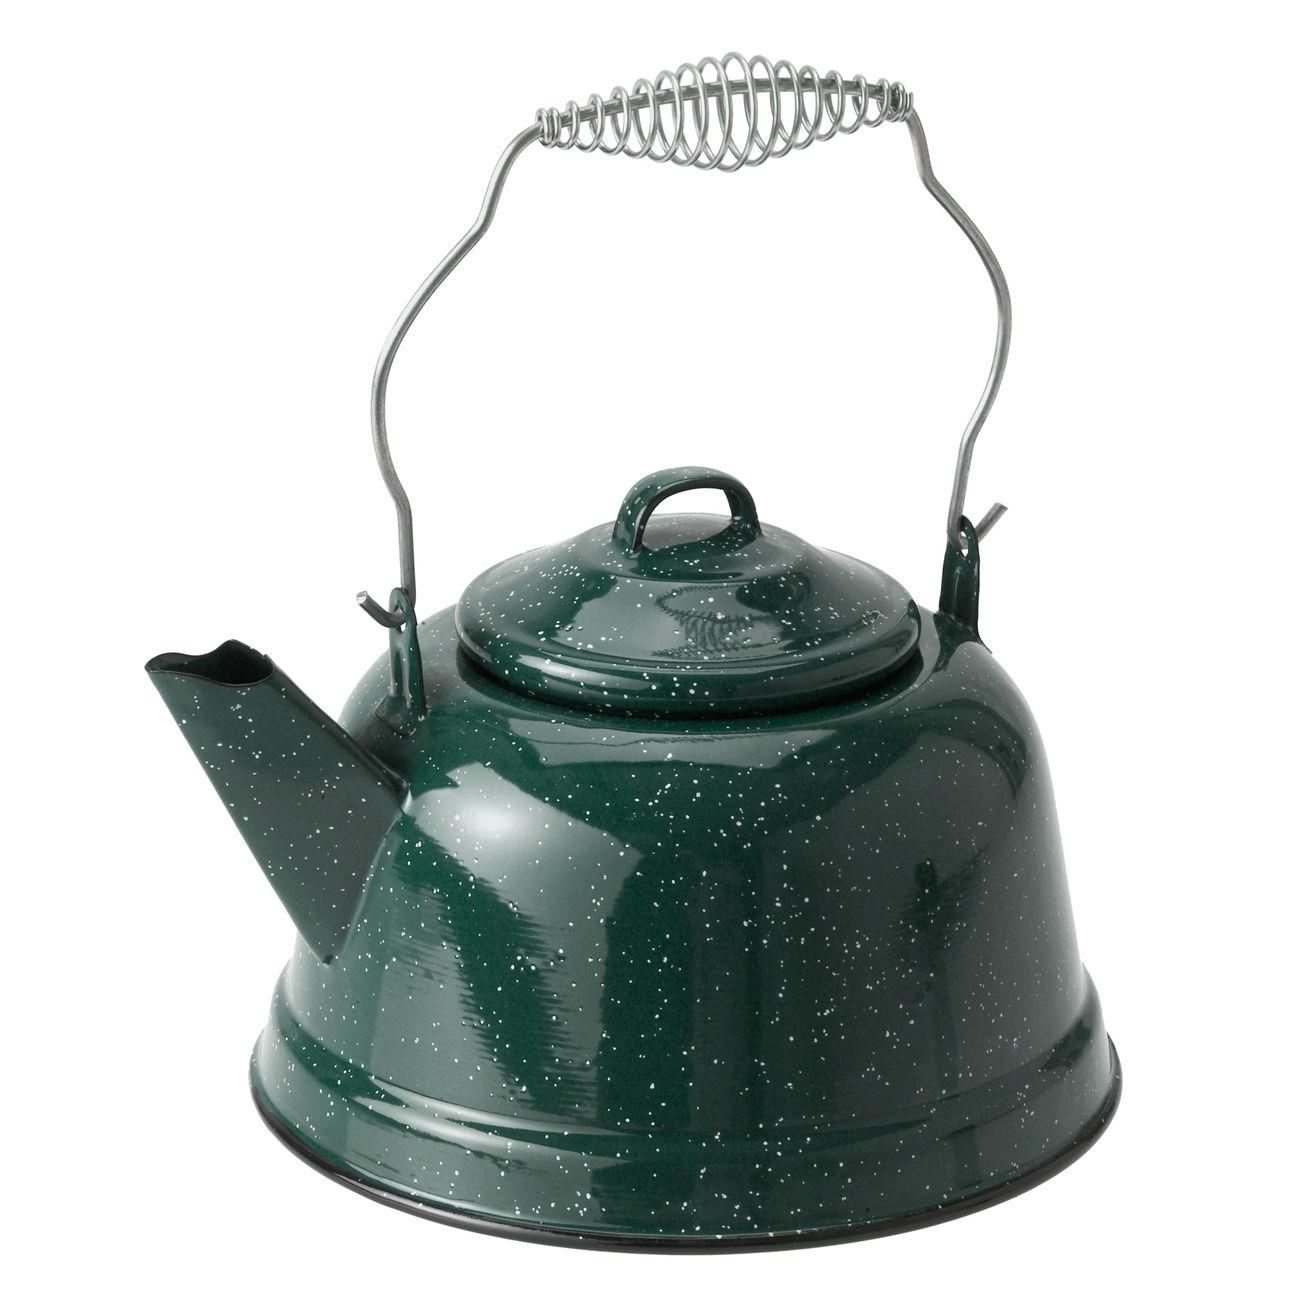 GSI Teekessel Emaille 2,3 Liter grün günstig kaufen - Kotte & Zeller